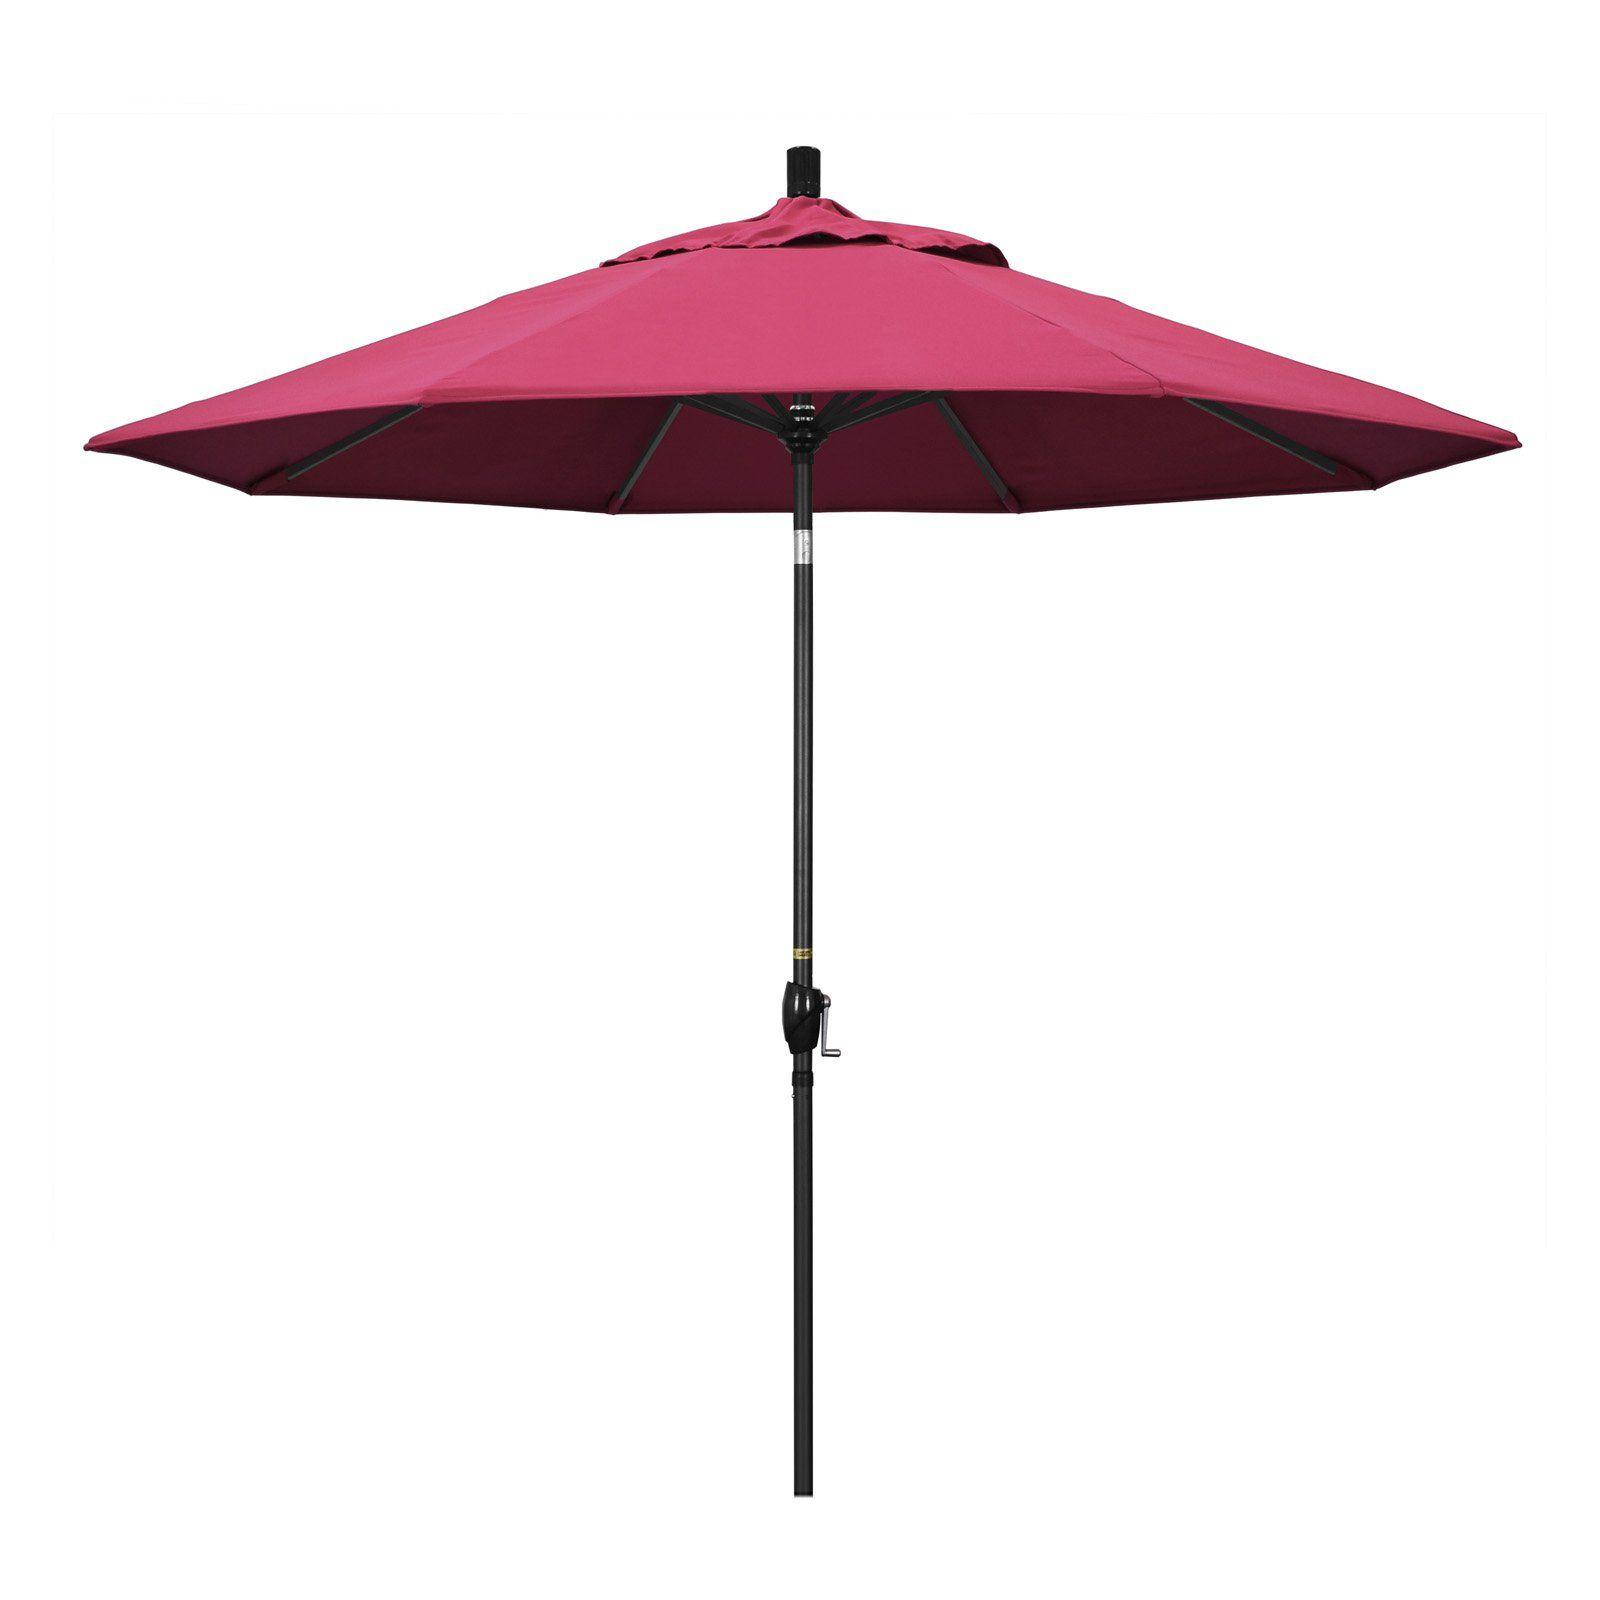 California Umbrella 9 ft. Aluminum Push Button Tilt